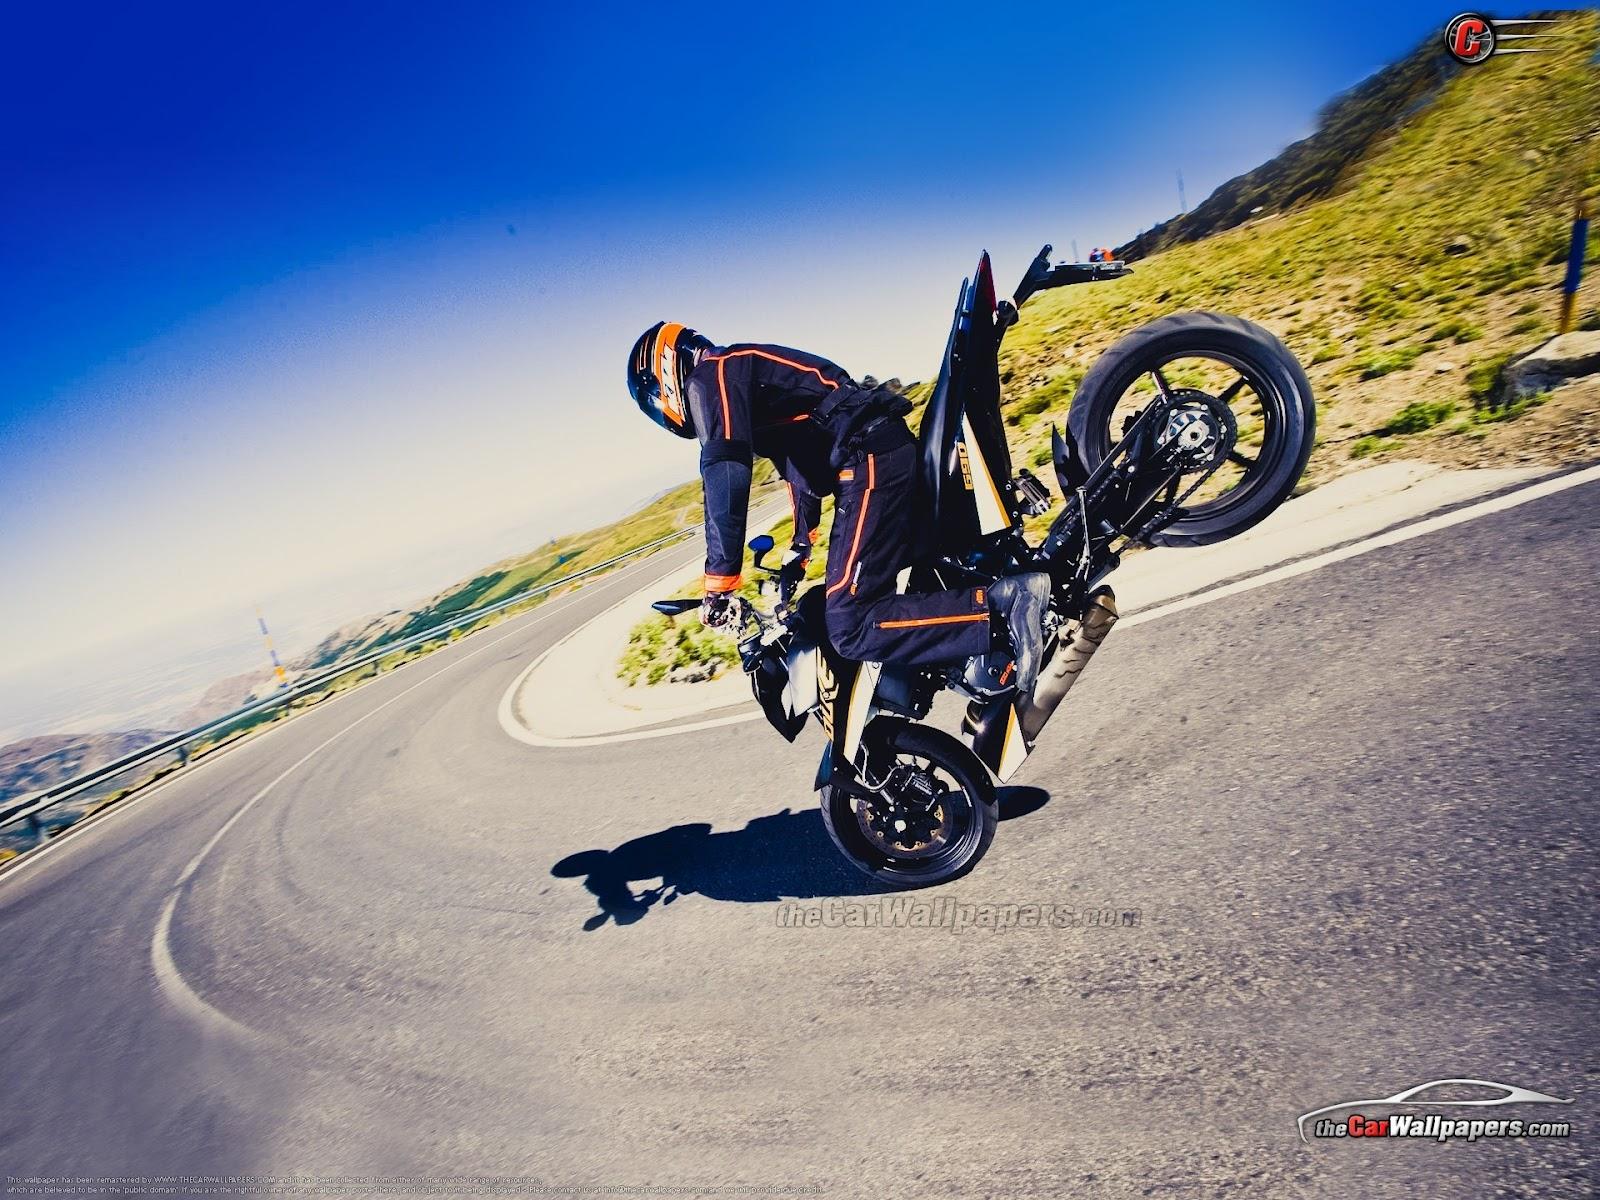 Stunt Wallpaper Hd Hd Wallpapers Bike Stunt